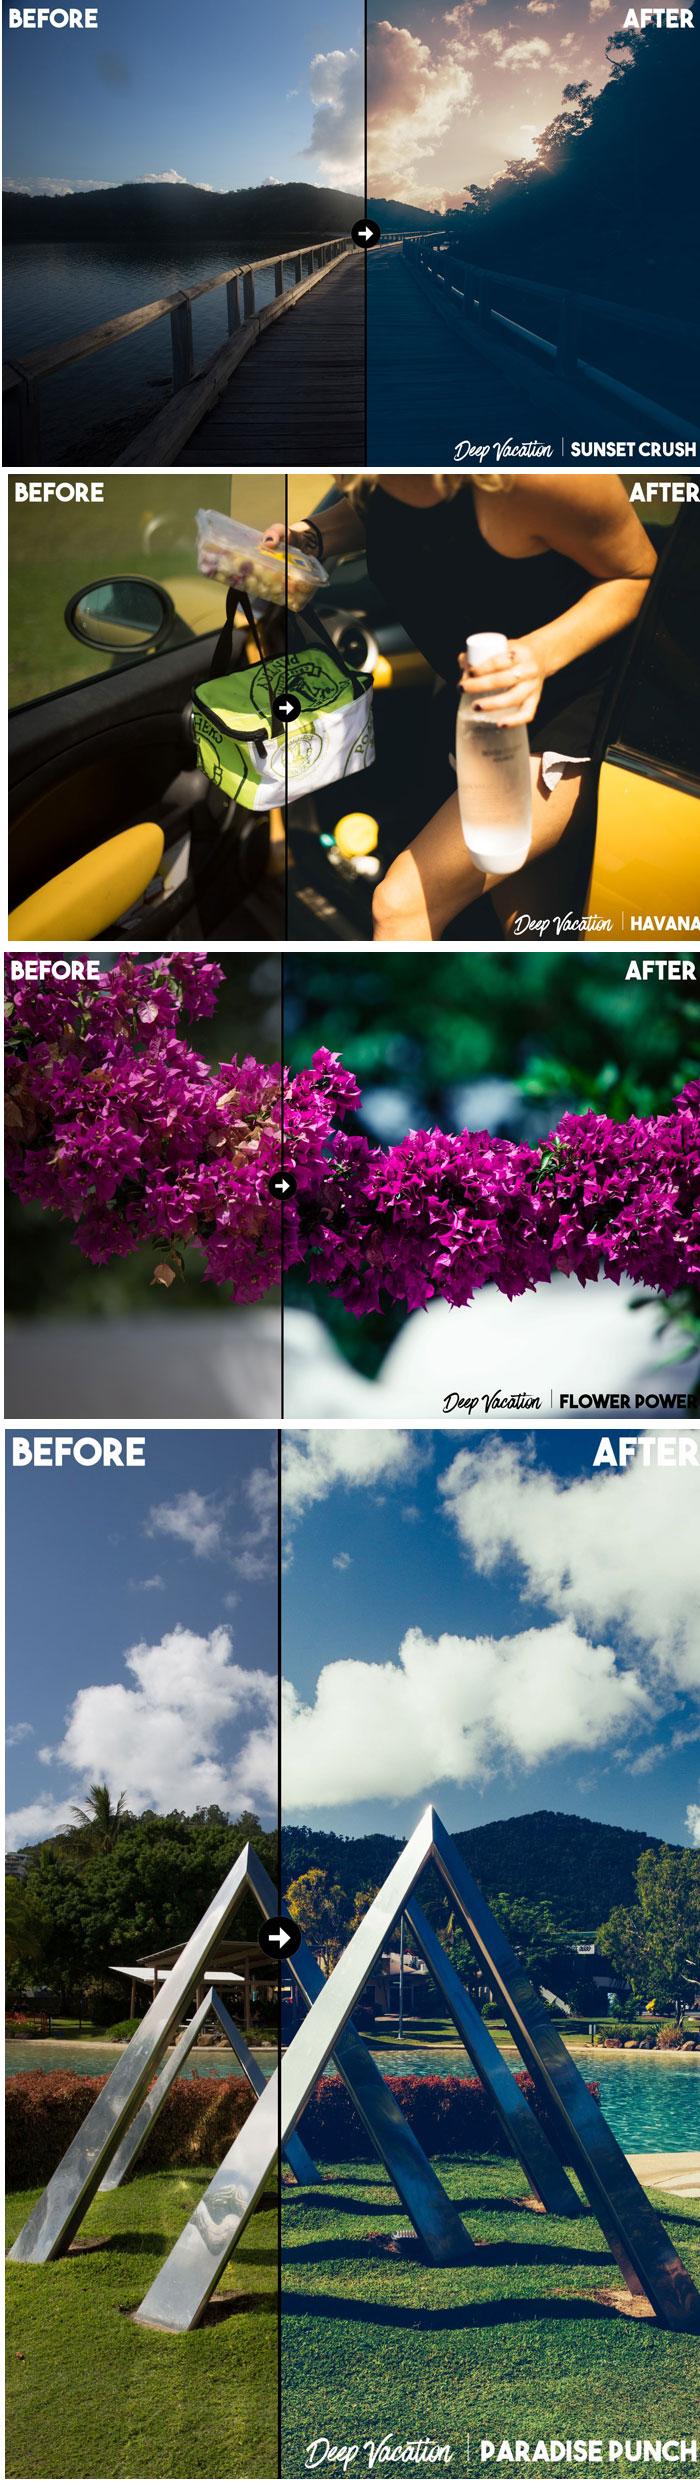 其他素材 > 素材信息   关键字: 照片处理风景照调色后期调色色彩艳丽